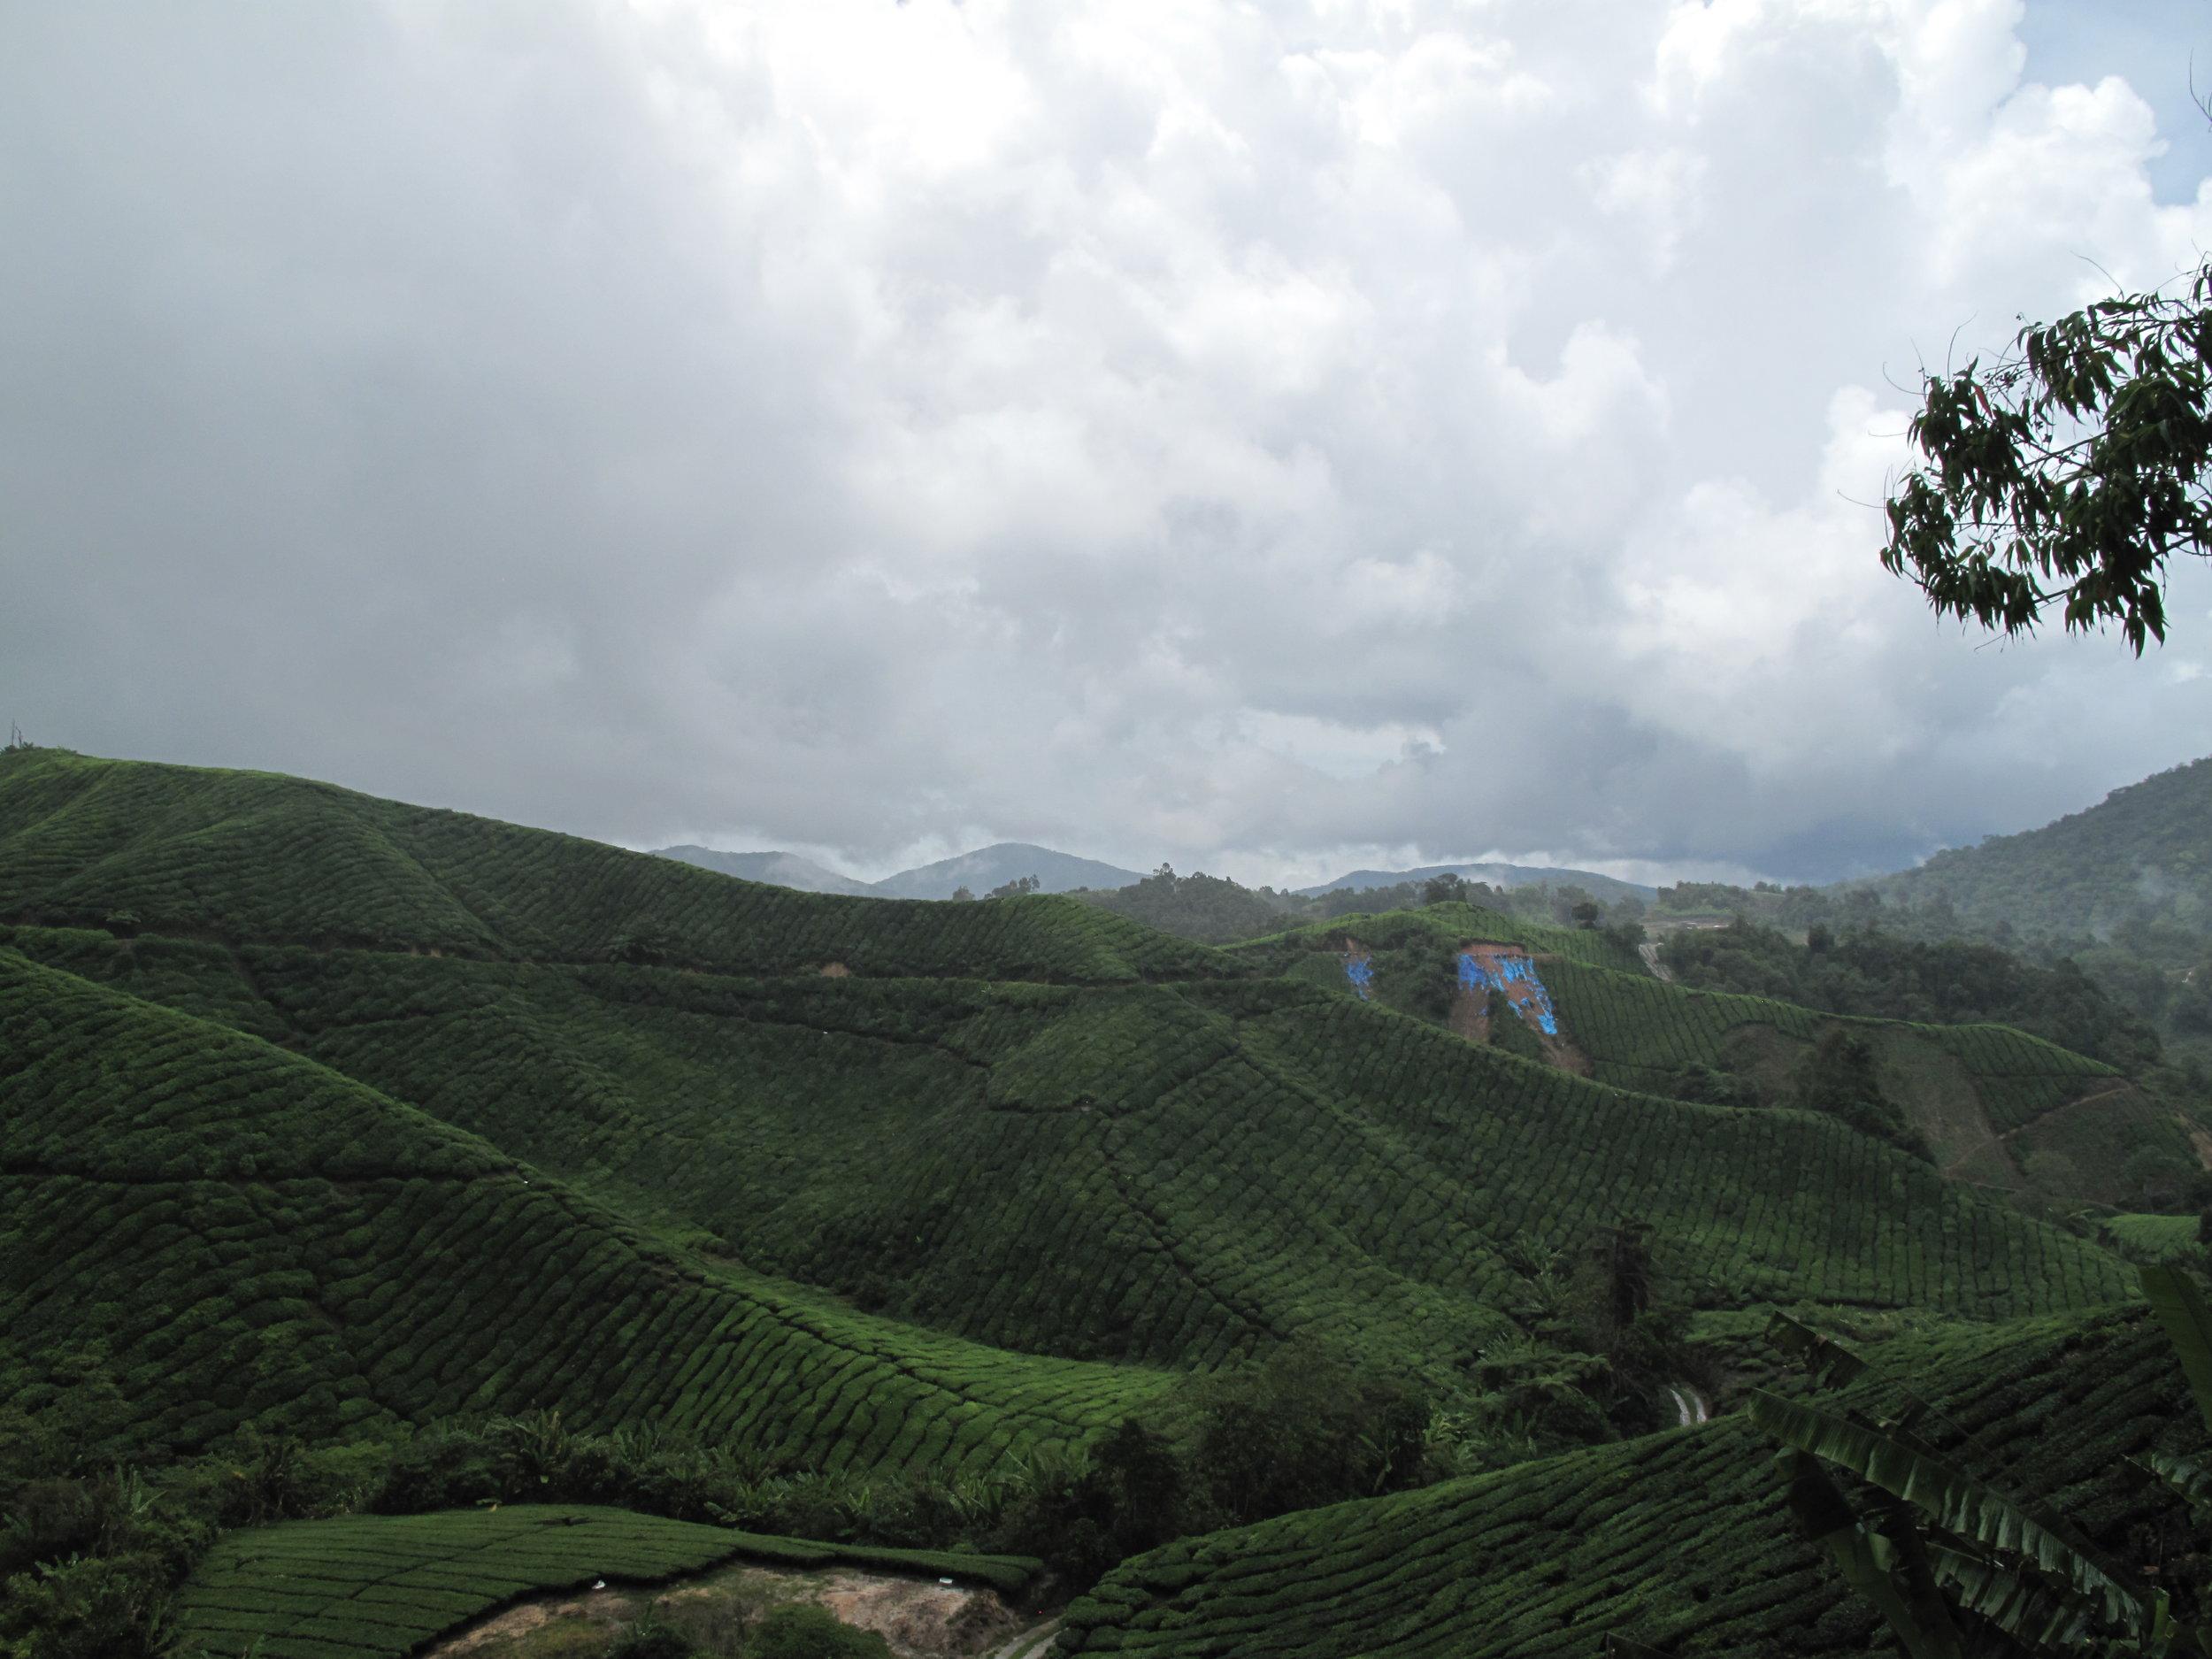 Tanah Rata, Malaysia